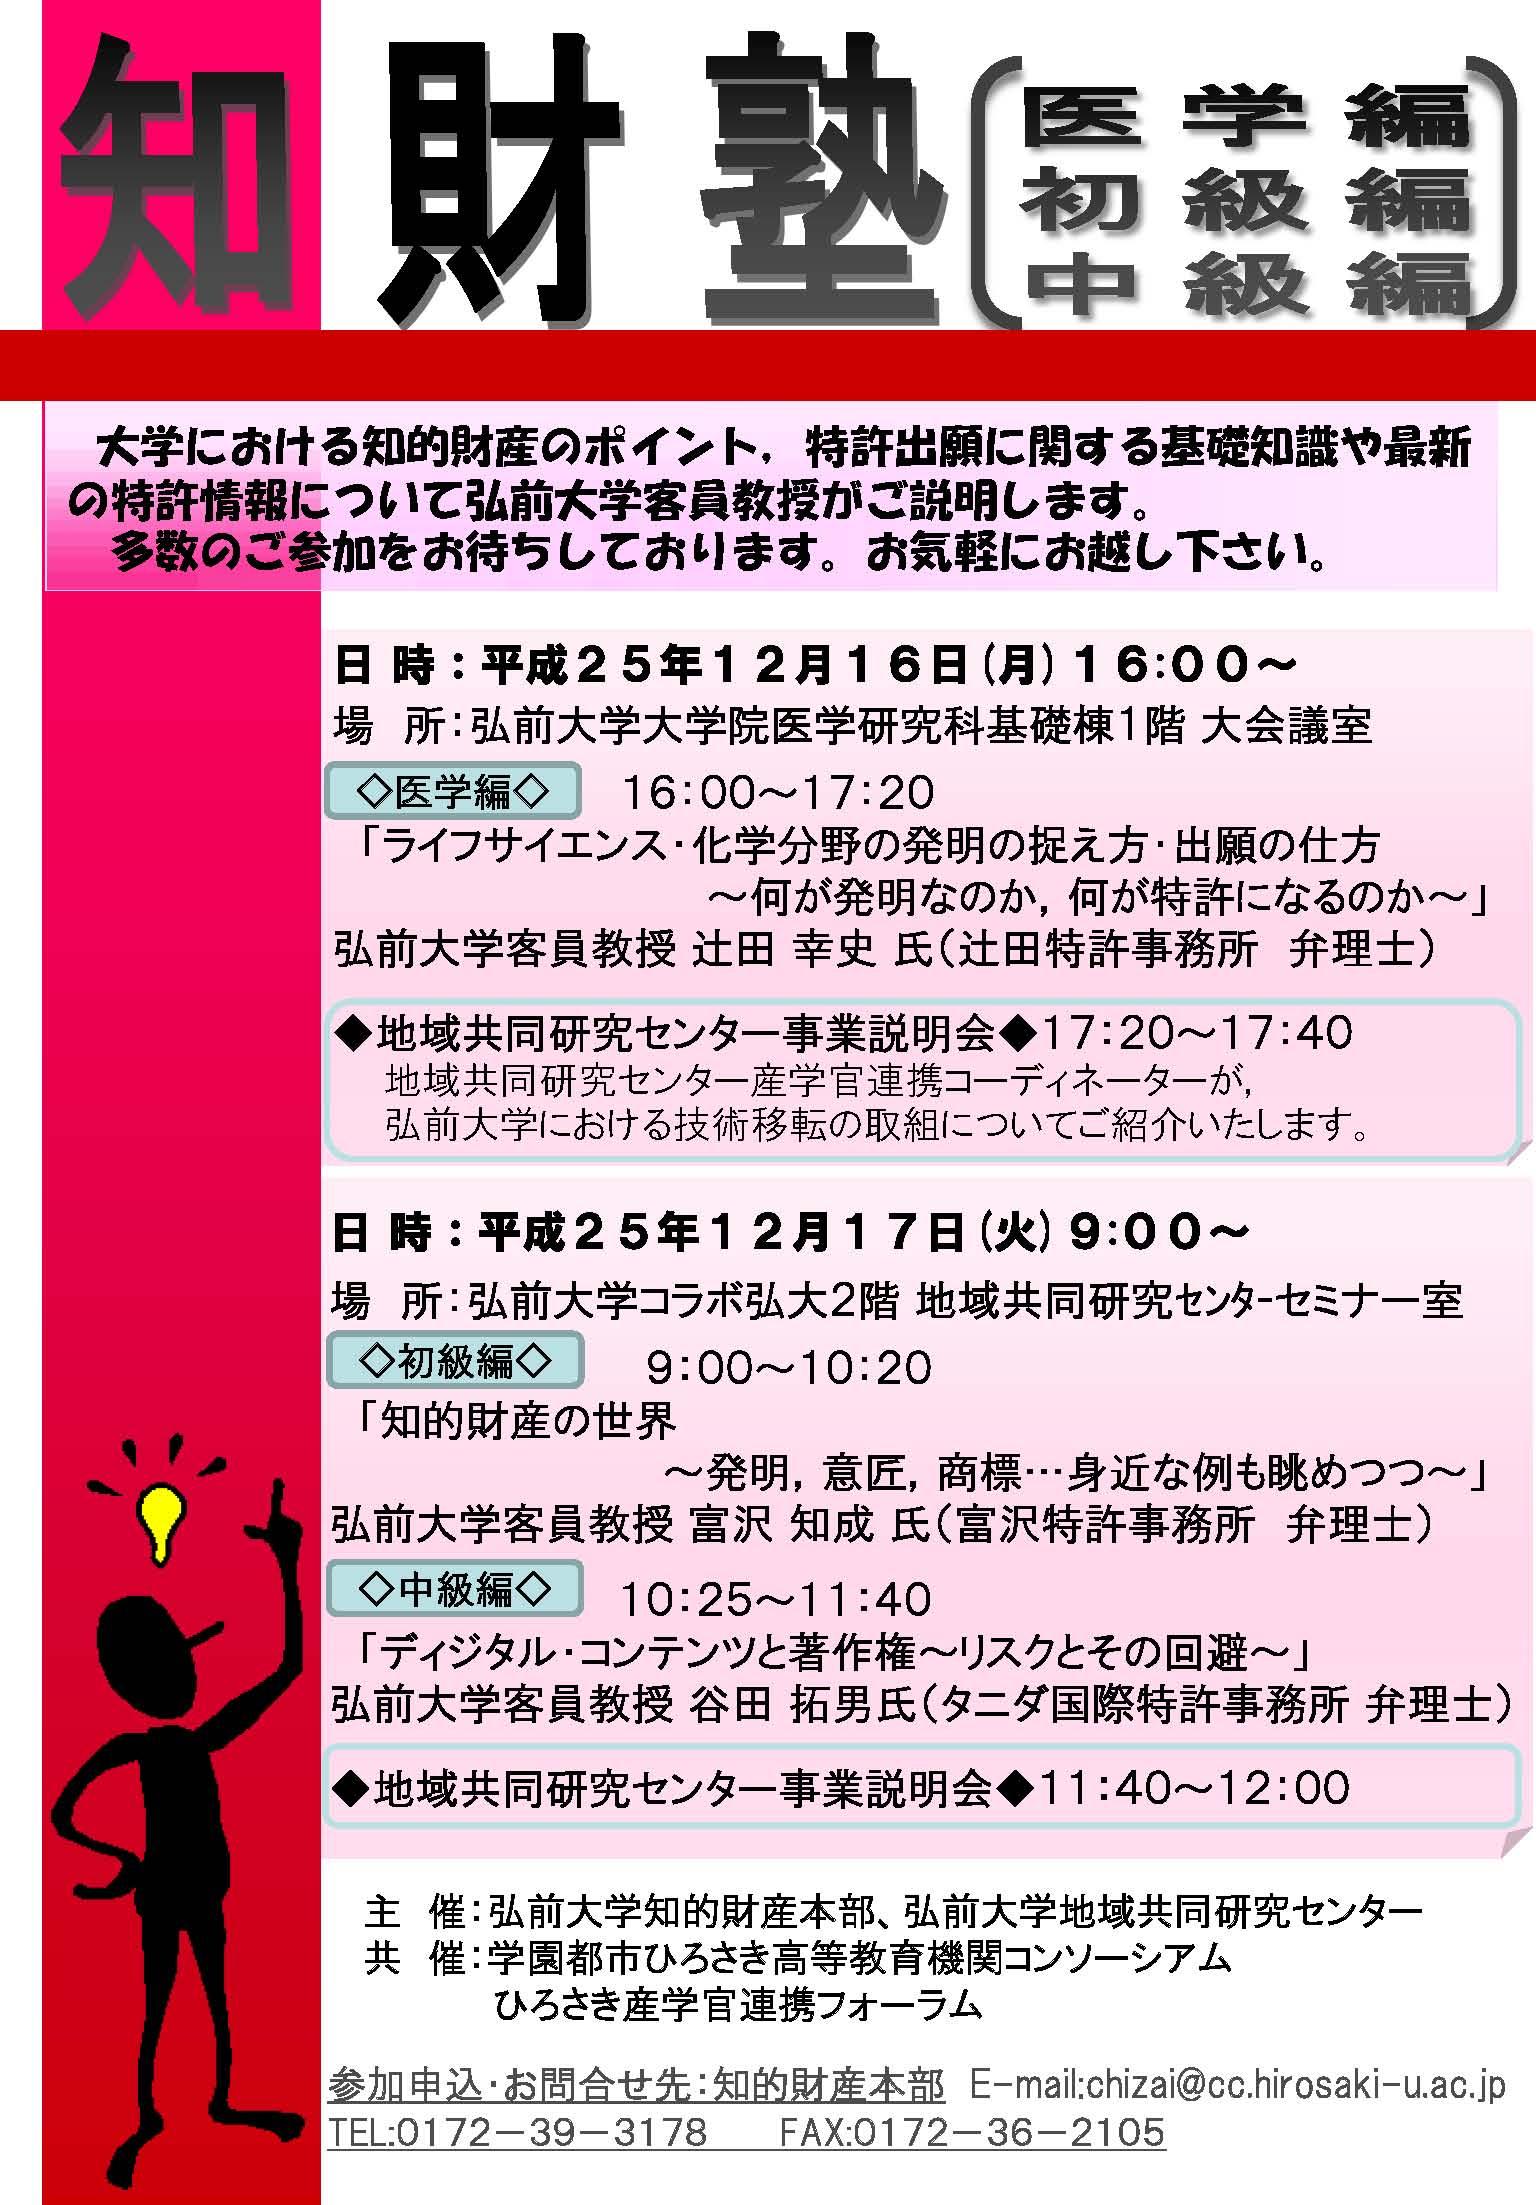 H25年度 知財塾・地共研事業説明会ポスター_ページ_1